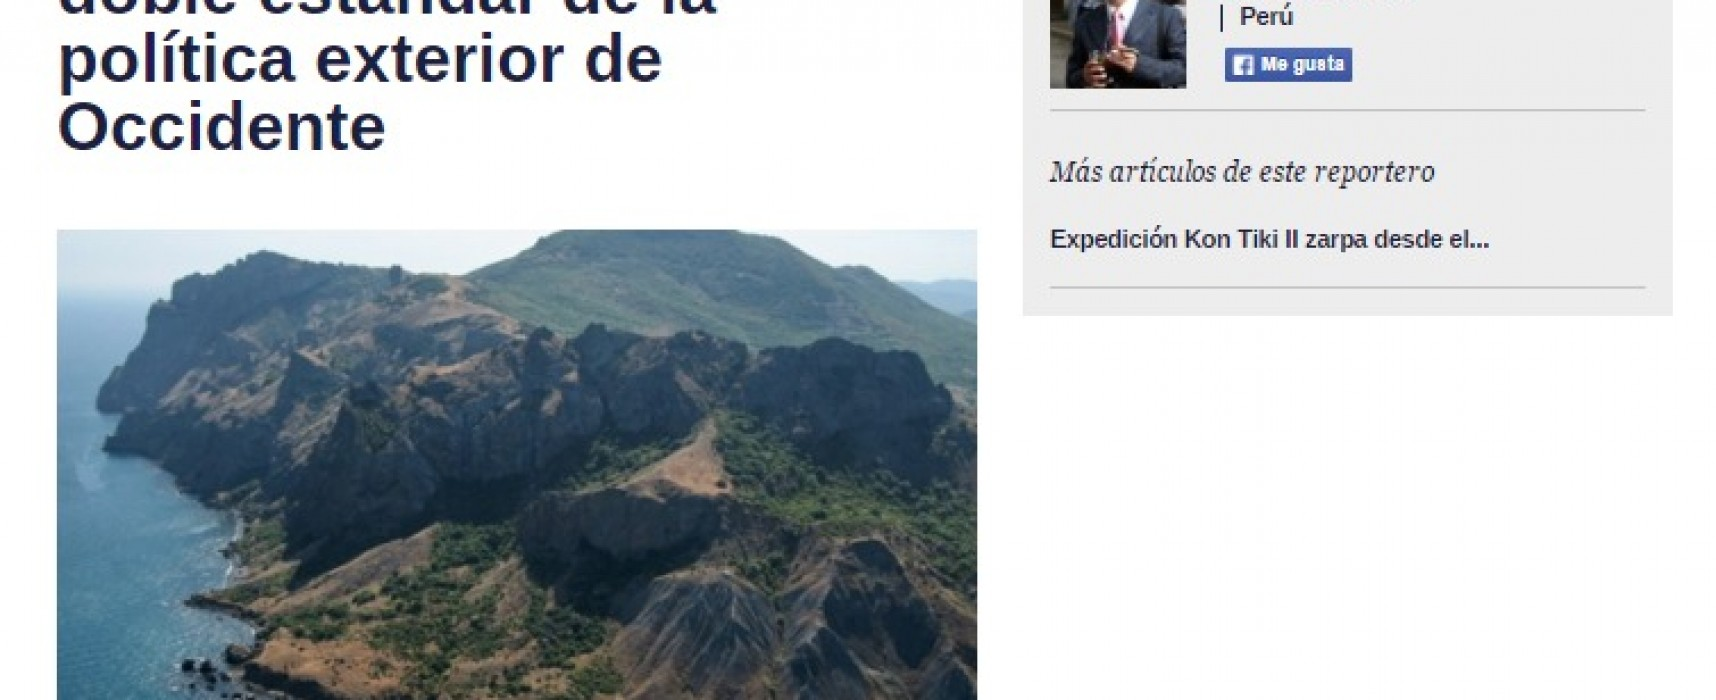 Una opinión de un periodista del holding ruso fue publicada  como si fuera un artículo analítico de la prensa venezolana